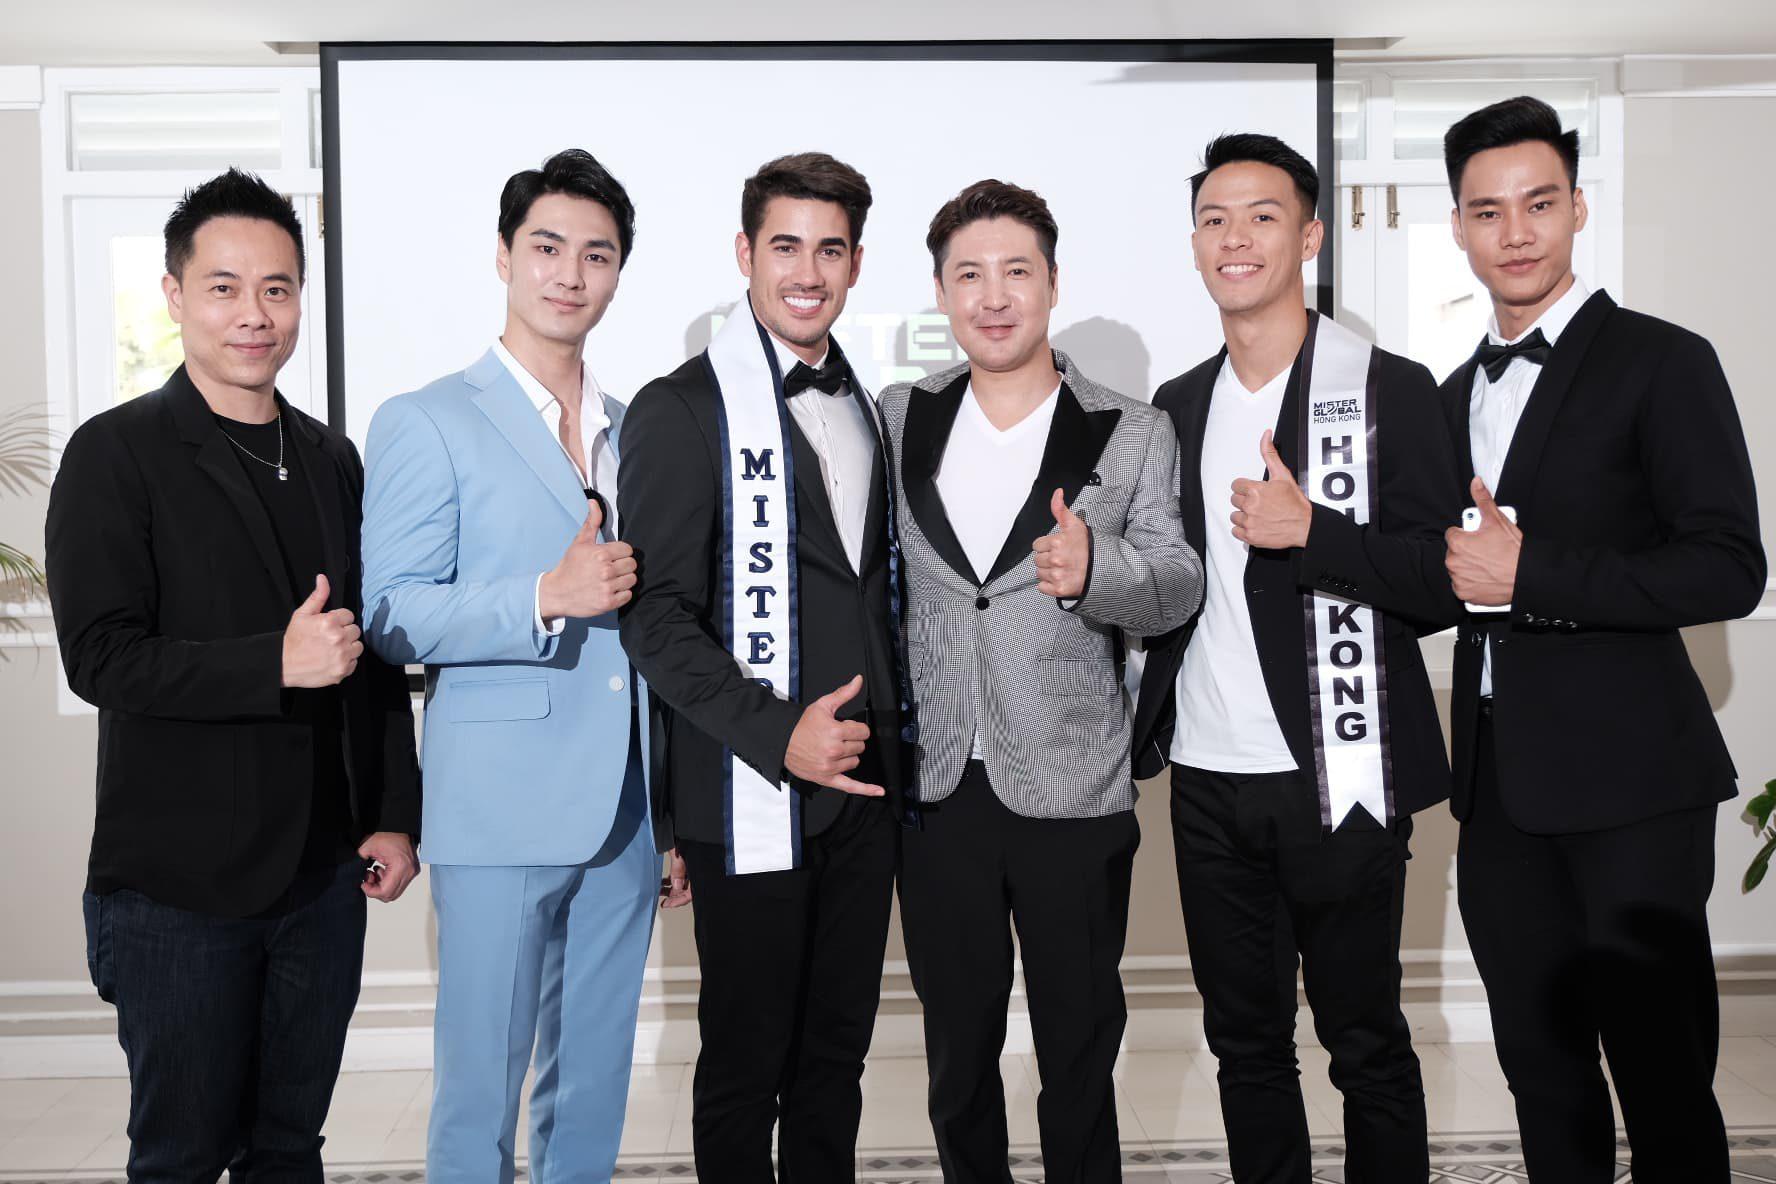 """26 ก.ย.นี้  ไทยเจ้าภาพ """"Mister Global 2019"""" เวทีประกวดหนุ่มหล่อ 1 ใน 5 ของโลก"""